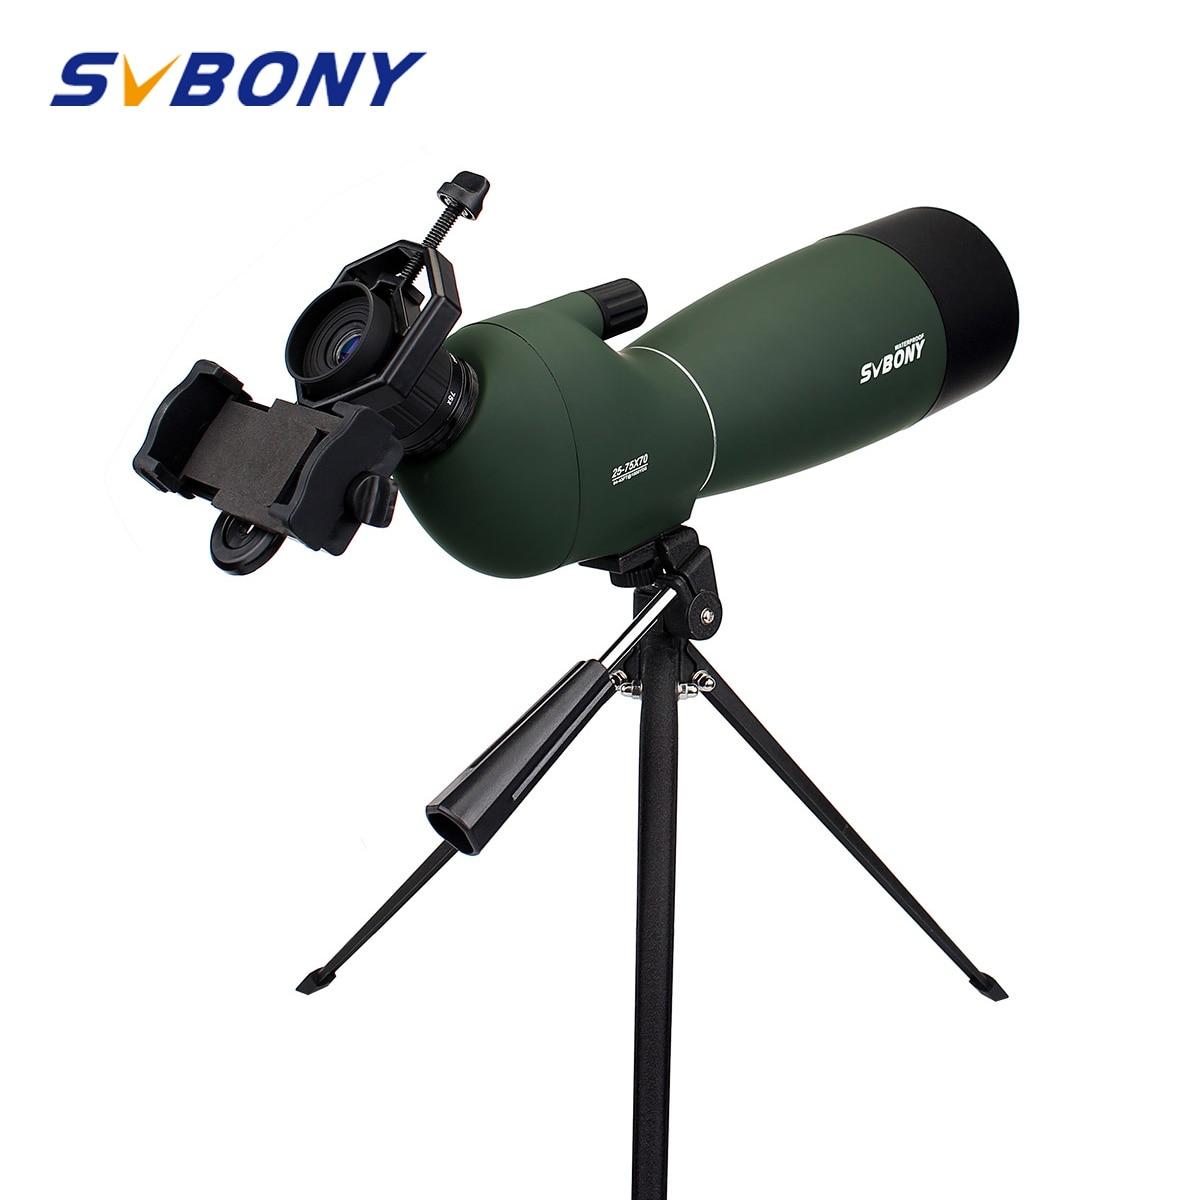 Svbony SV28 50/60/70mm lingkup bercak Zoom Teleskop Tahan Air Birdwatch Berburu Bermata & Universal Ponsel Adaptor mountF9308 optik luar ruangan untuk berburu, menembak, memanah, mengamati burung, title=